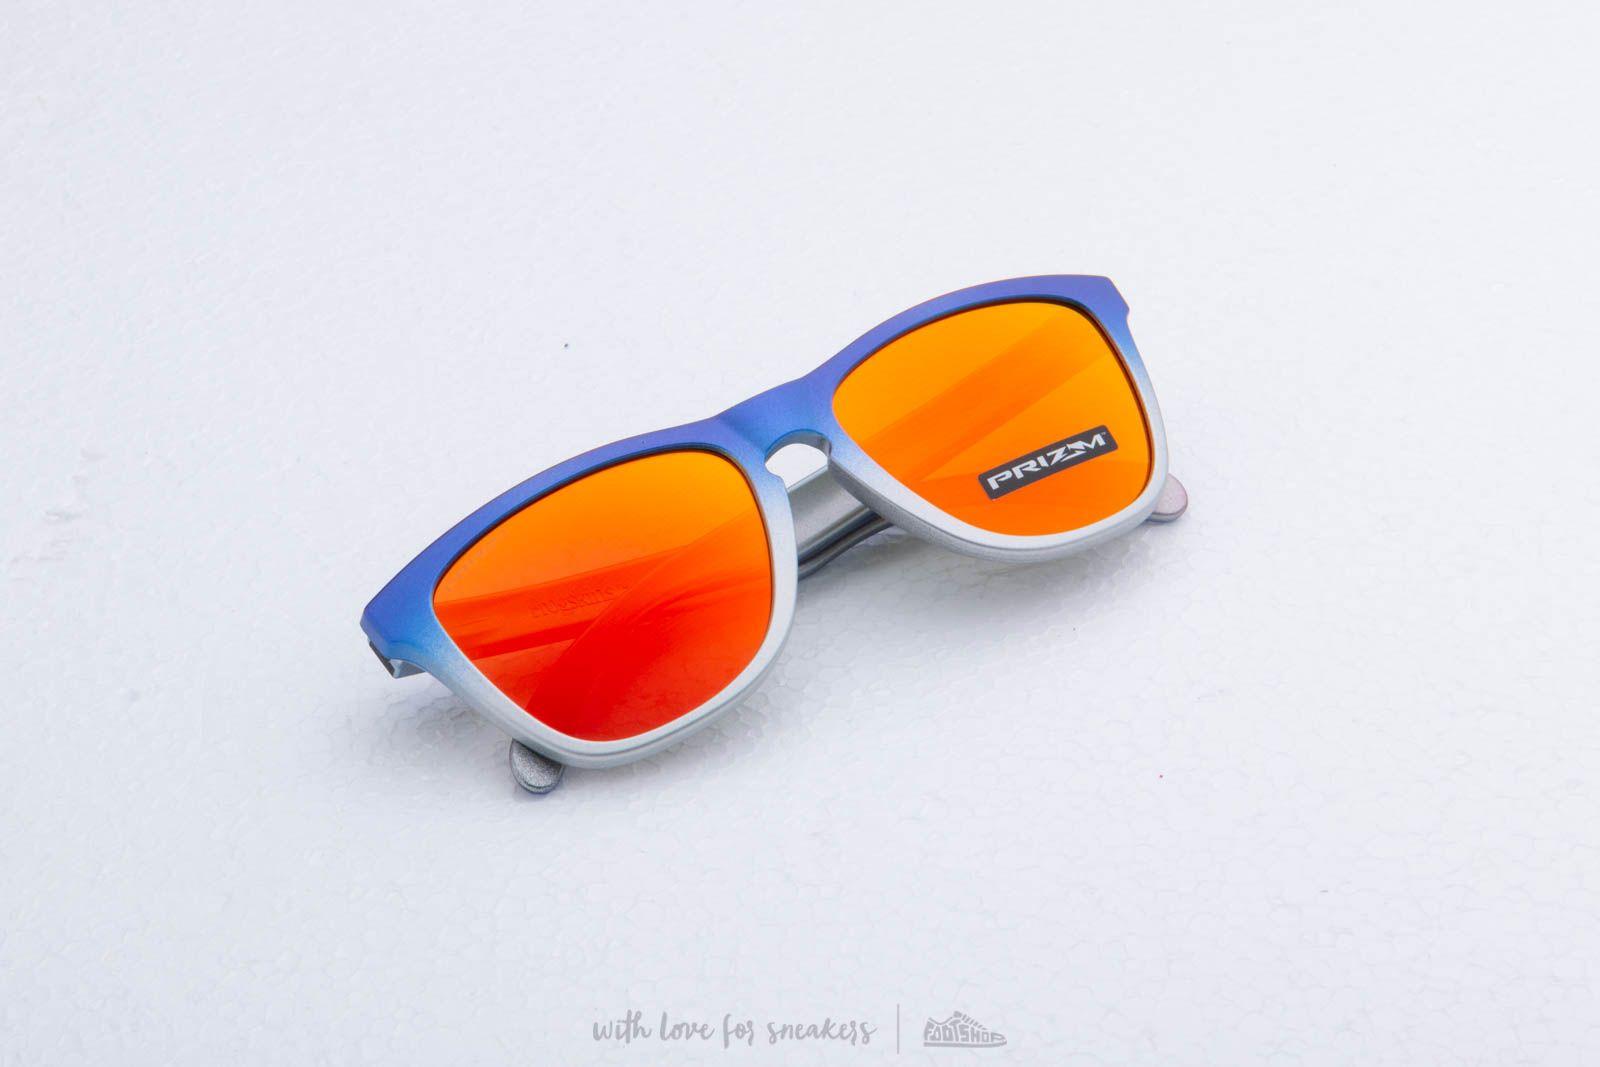 Сонцезахисні окуляри Oakley Frogskins Lite Splatterfade Sunglasses Pink Blue/ Prizm Ruby